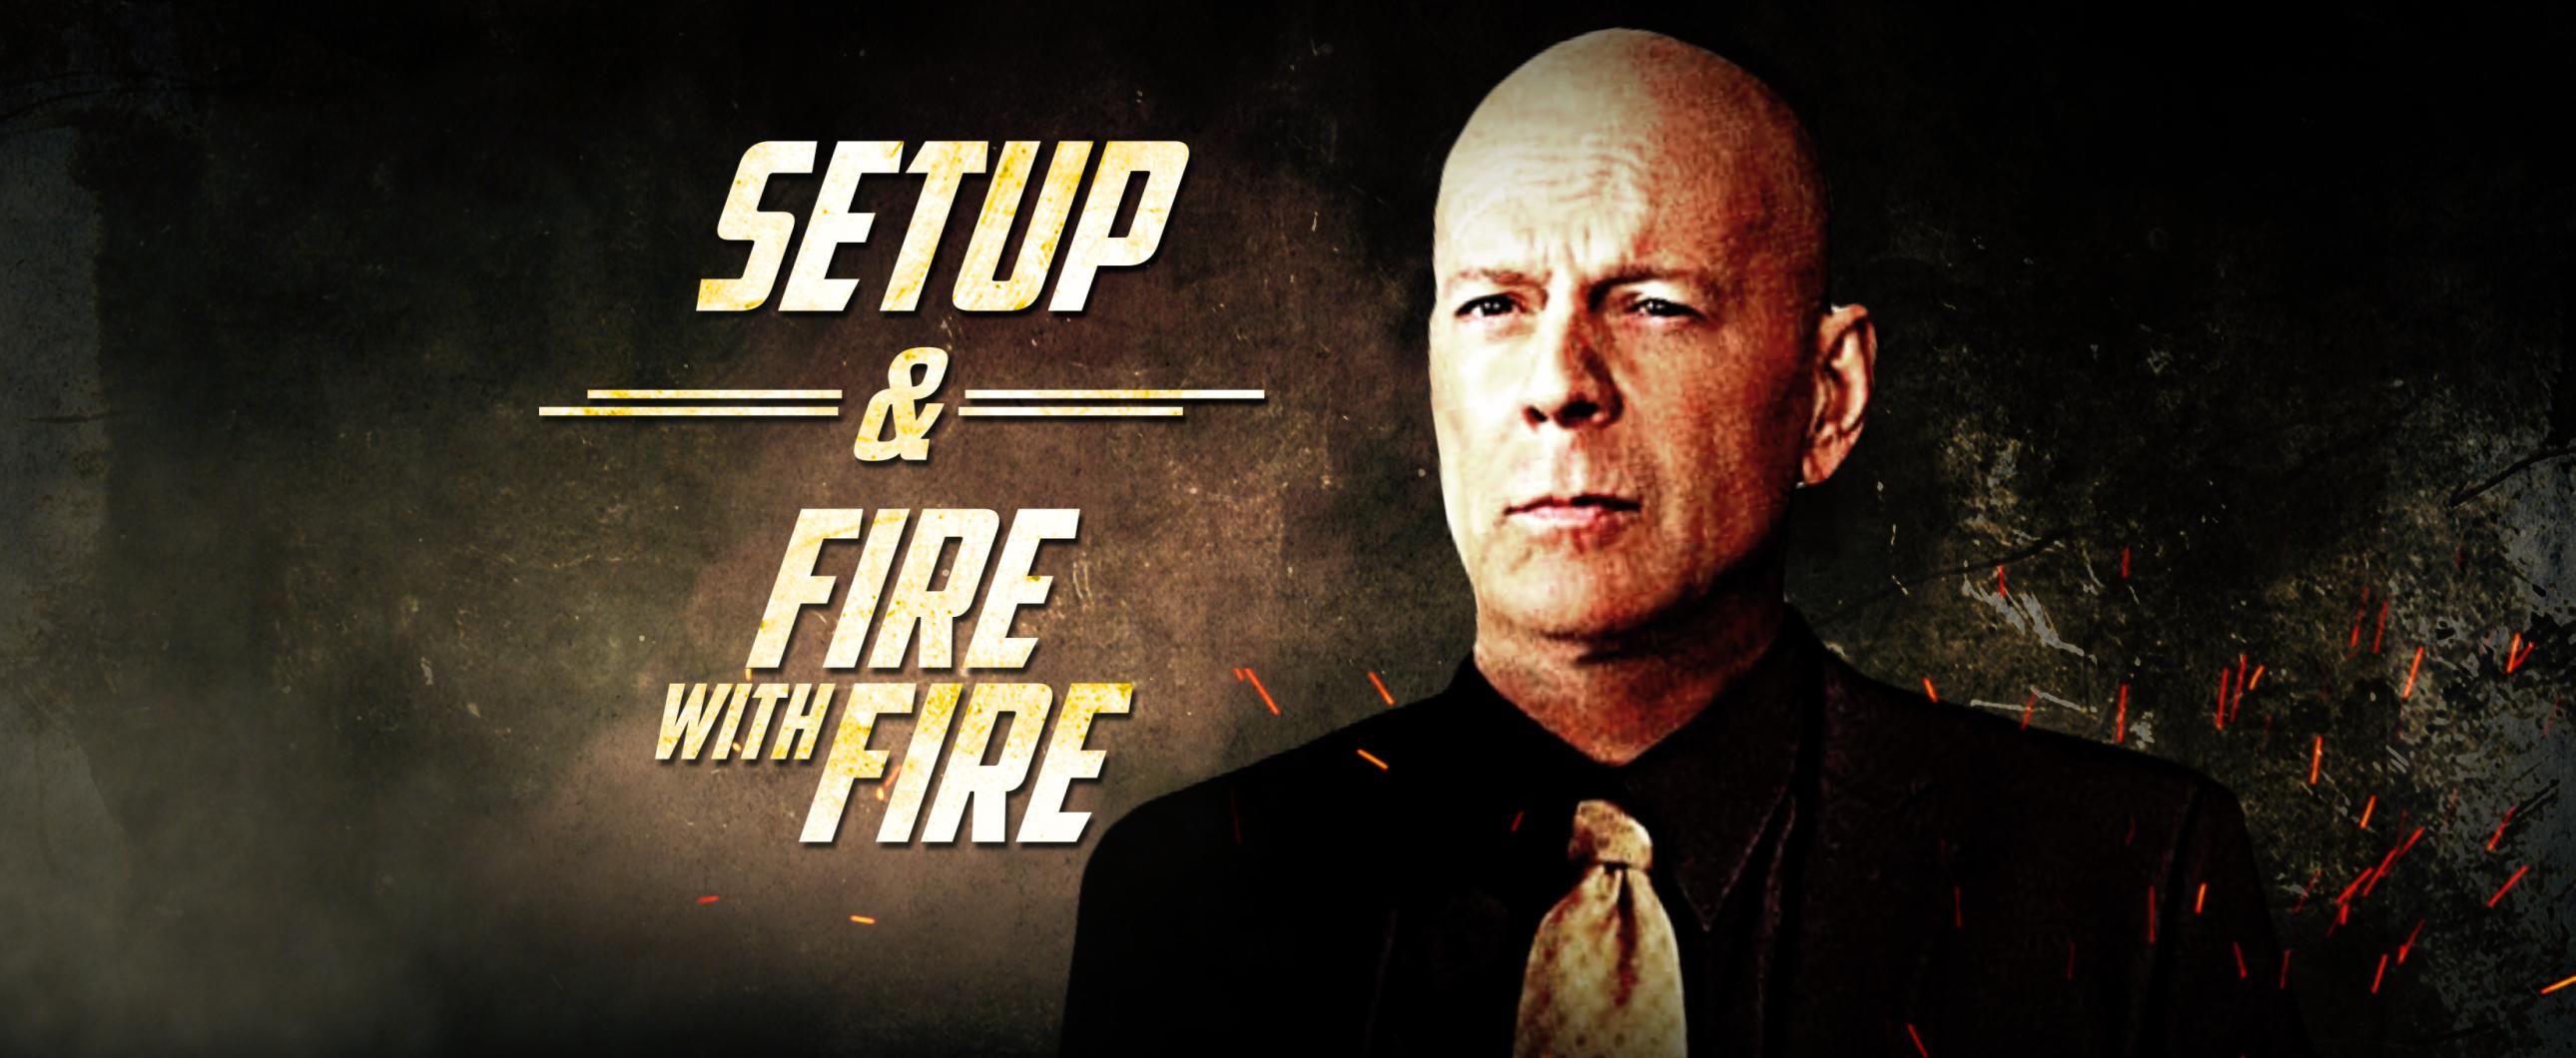 Bruce Willis - Stunt